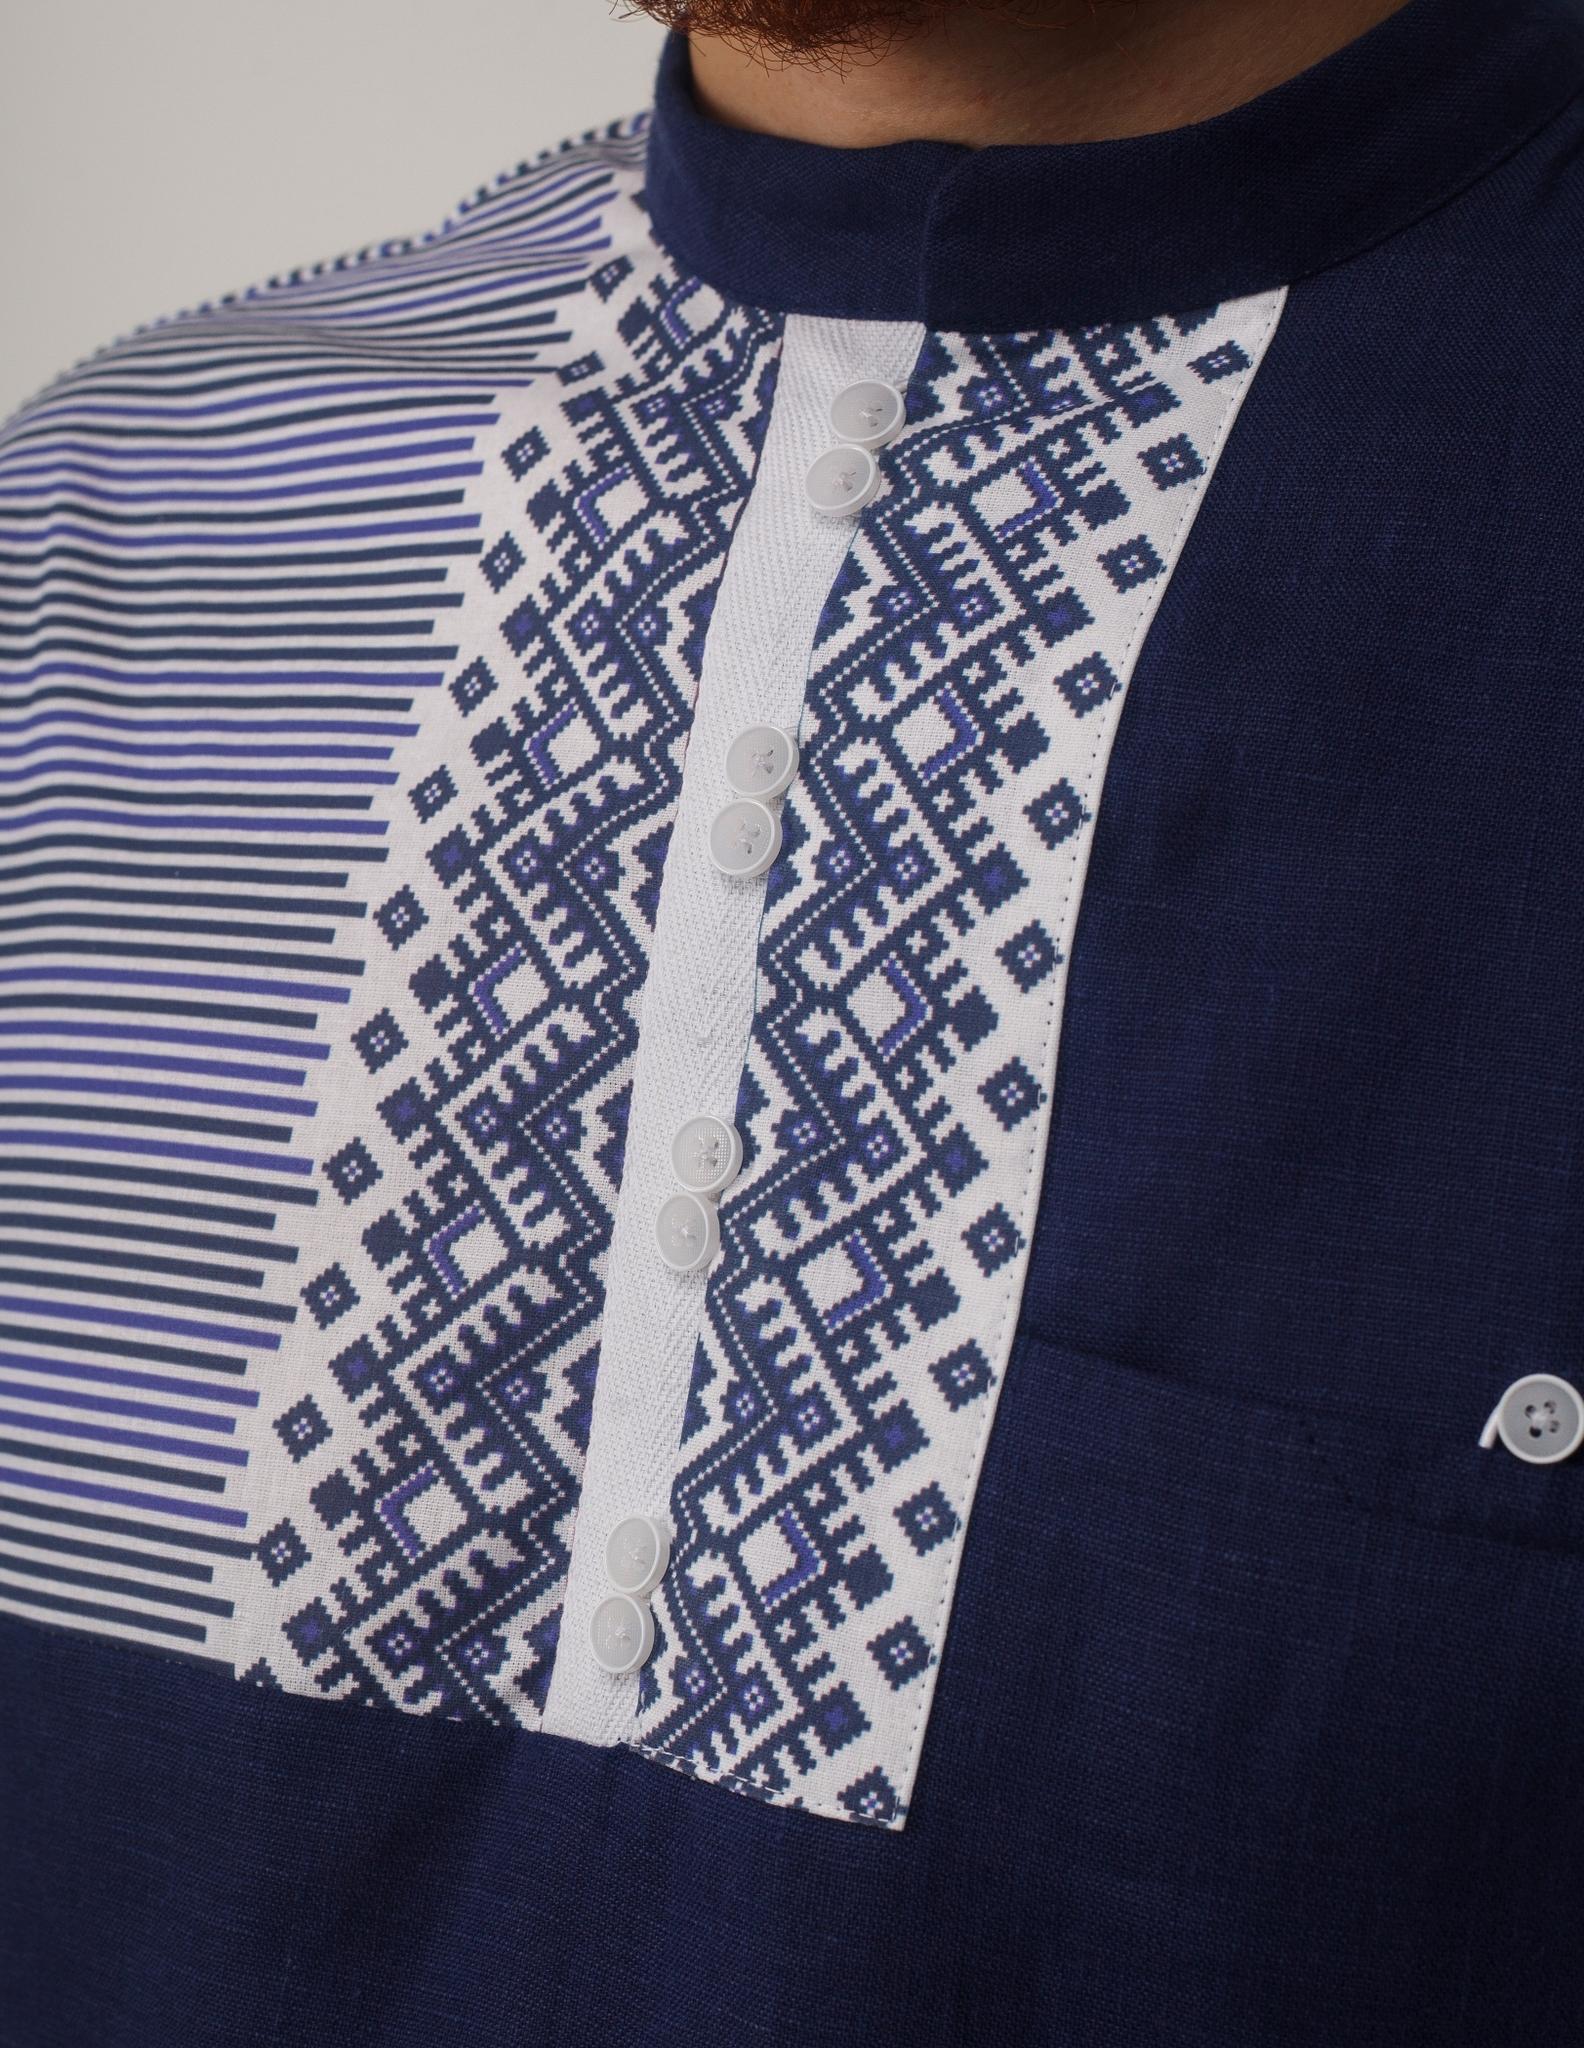 Рубашка мужская Сибирская застёжка